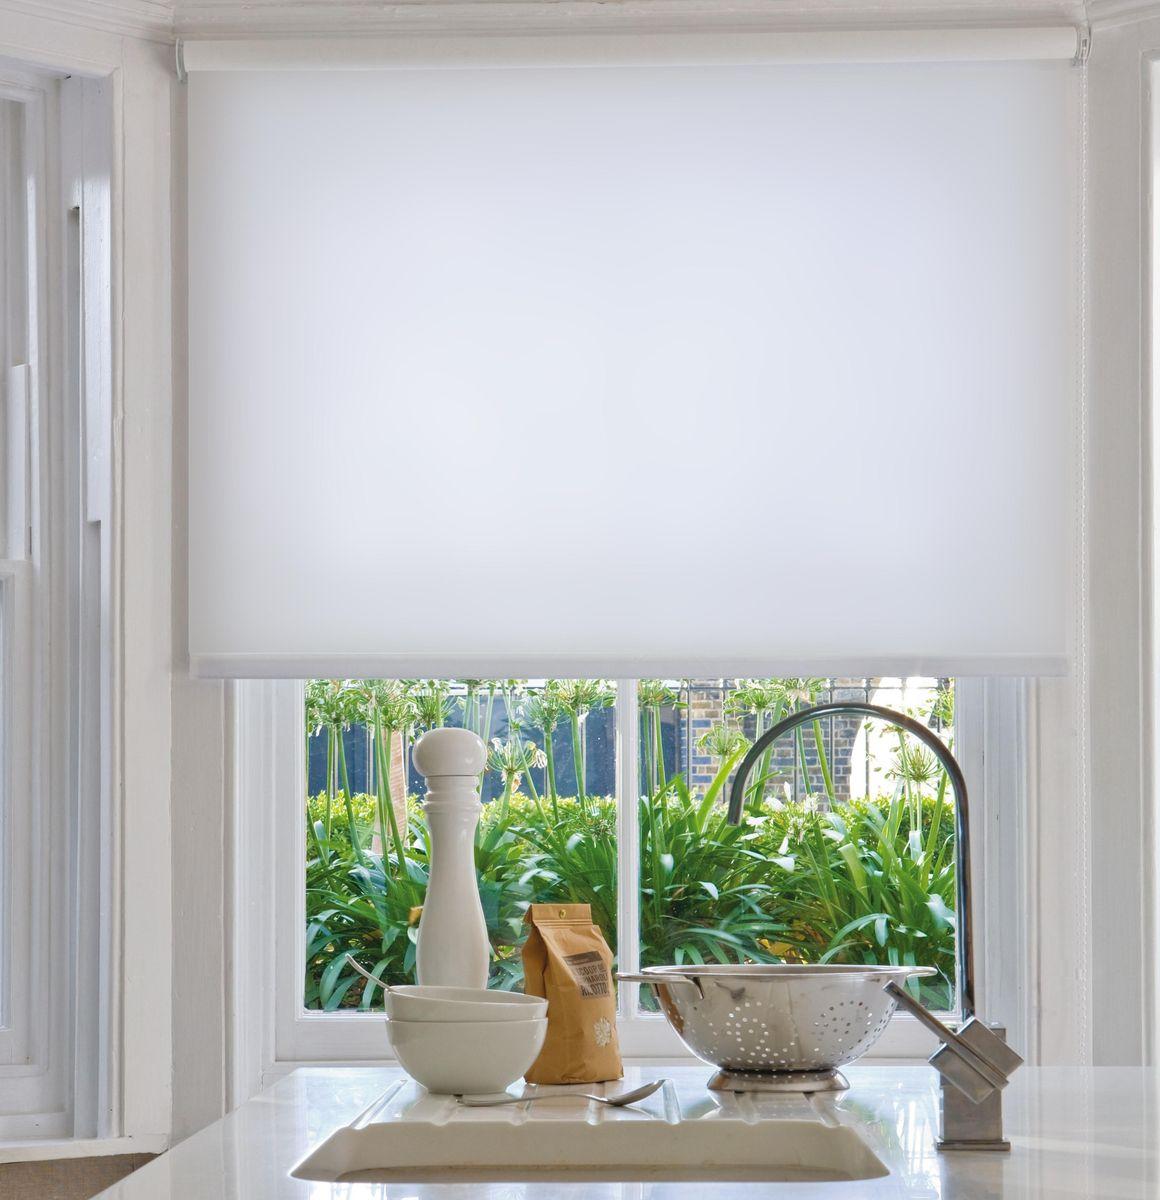 Штора рулонная Эскар, цвет: белый, ширина 210 см, высота 170 см8008210170Рулонными шторами можно оформлять окна как самостоятельно, так и использовать в комбинации с портьерами. Это поможет предотвратить выгорание дорогой ткани на солнце и соединит функционал рулонных с красотой навесных. Преимущества применения рулонных штор для пластиковых окон: - имеют прекрасный внешний вид: многообразие и фактурность материала изделия отлично смотрятся в любом интерьере; - многофункциональны: есть возможность подобрать шторы способные эффективно защитить комнату от солнца, при этом она не будет слишком темной. - Есть возможность осуществить быстрый монтаж. ВНИМАНИЕ! Размеры ширины изделия указаны по ширине ткани! Во время эксплуатации не рекомендуется полностью разматывать рулон, чтобы не оторвать ткань от намоточного вала. В случае загрязнения поверхности ткани, чистку шторы проводят одним из способов, в зависимости от типа загрязнения: легкое поверхностное загрязнение можно удалить при помощи канцелярского ластика; чистка от пыли производится сухим методом при...